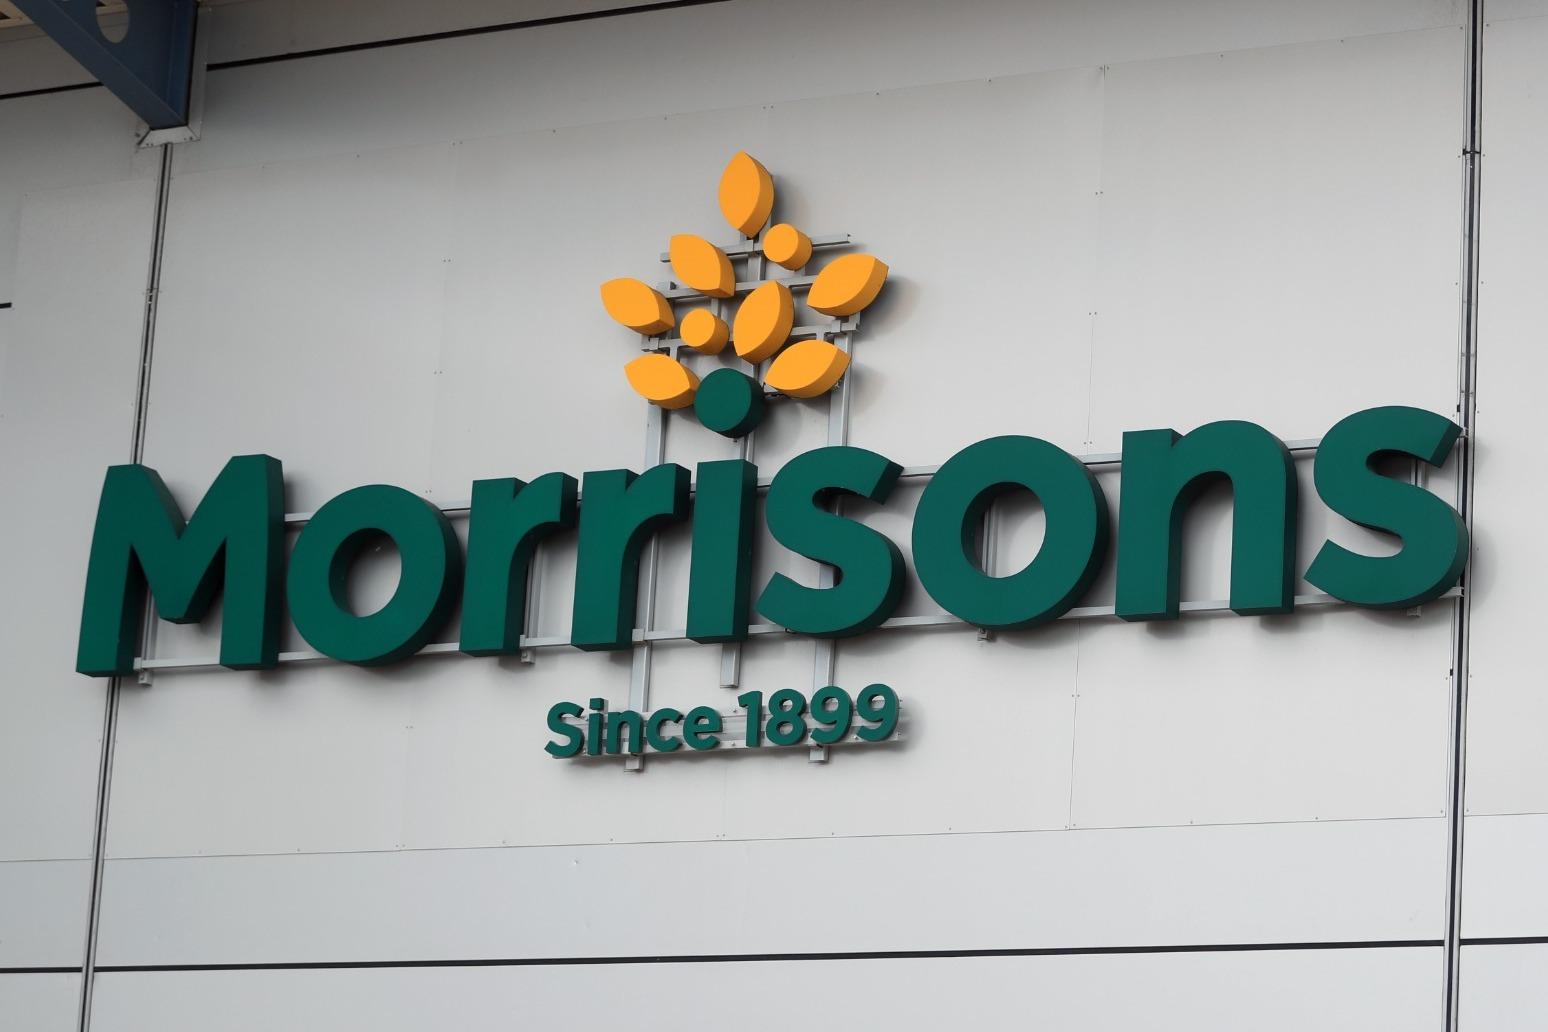 Morrisons shares jump as bidding war heats up with £7bn offer